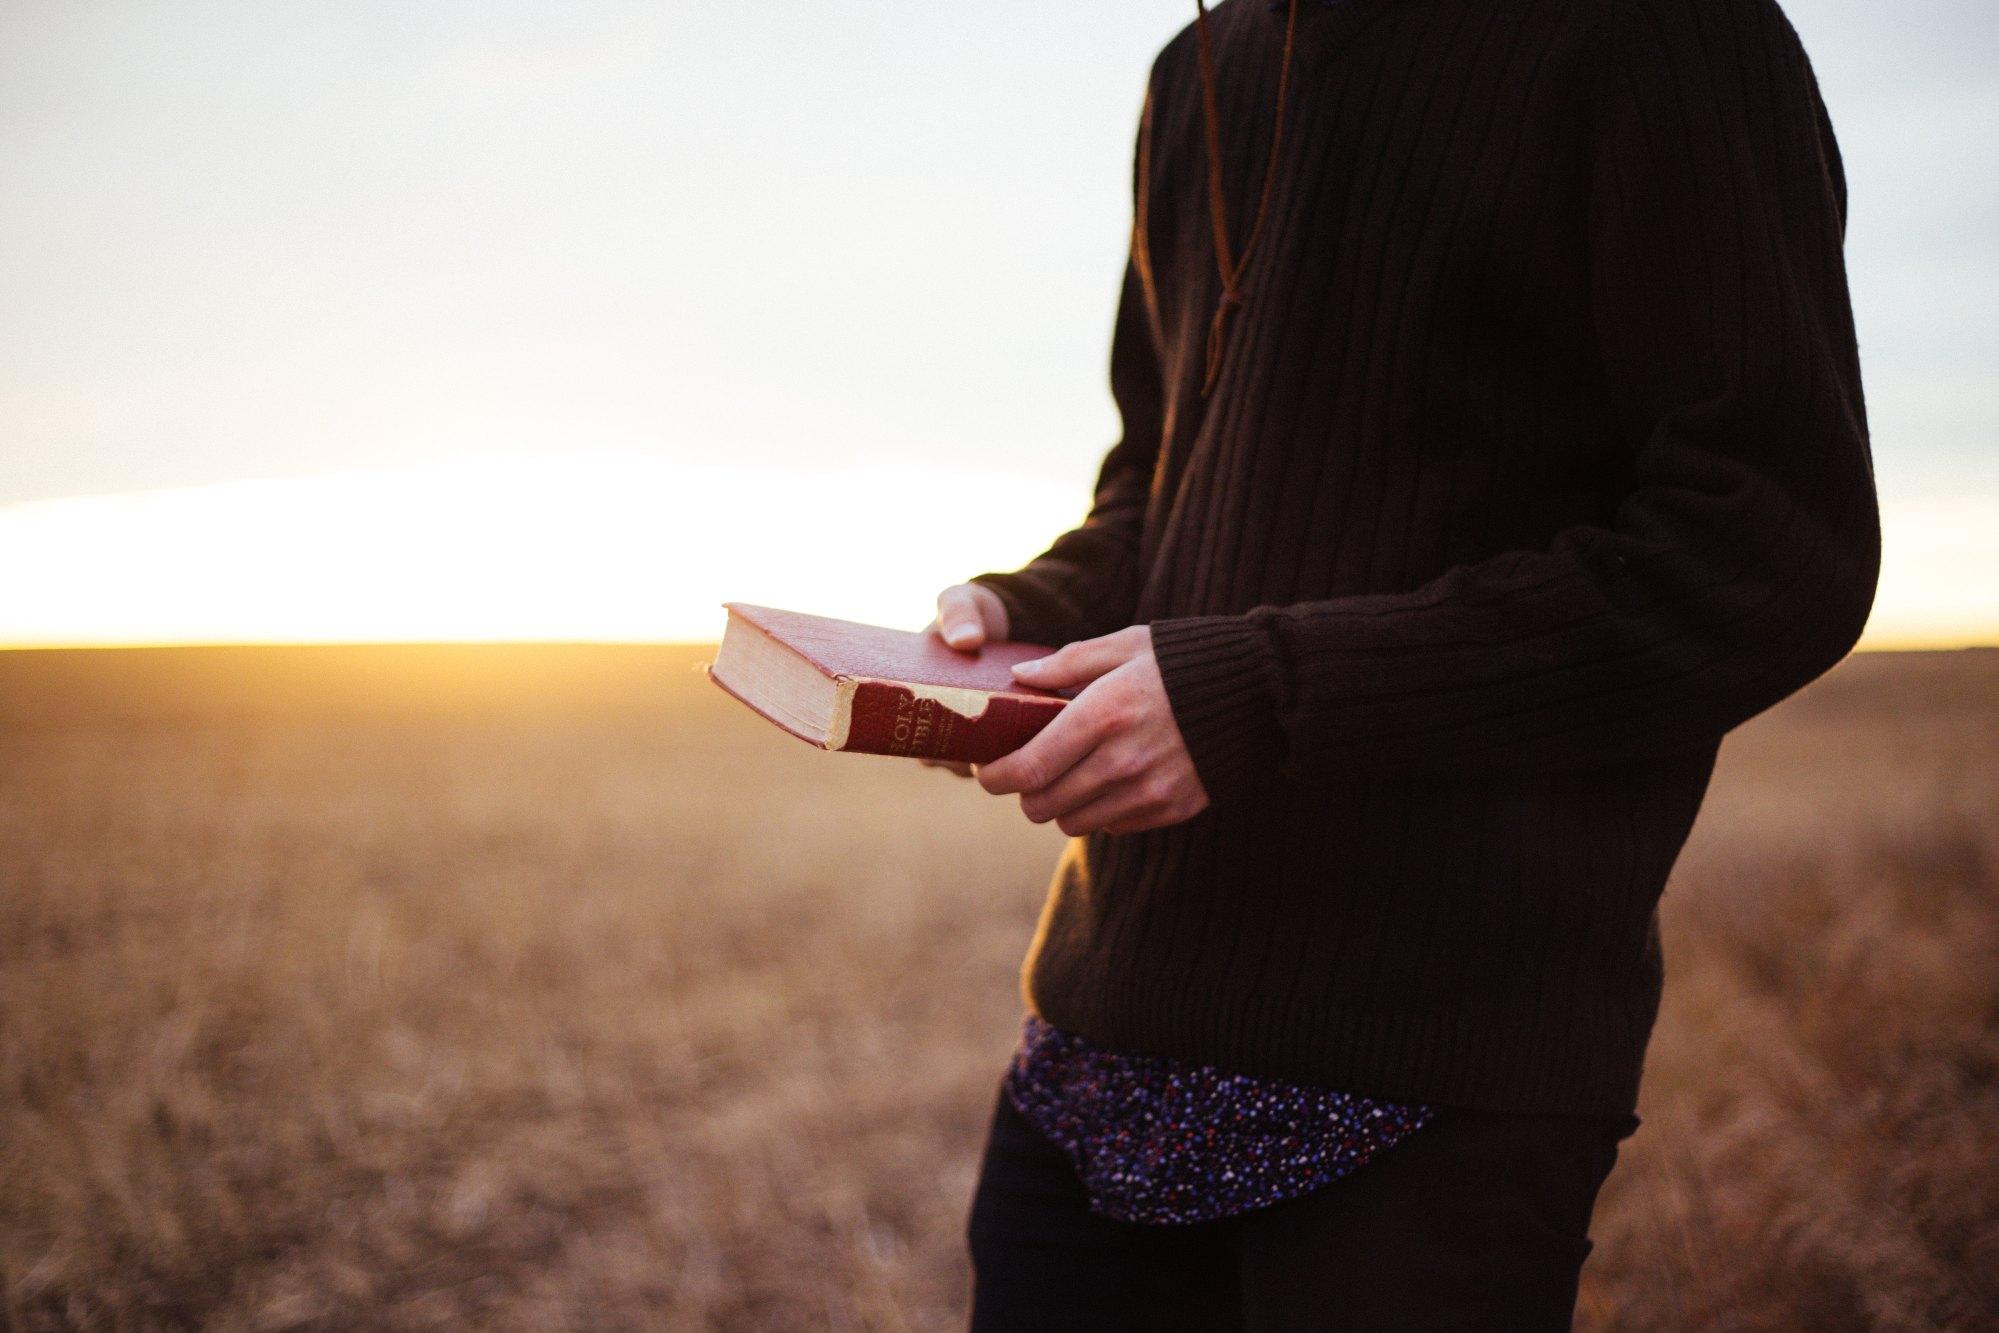 Man holing Bible at sunset